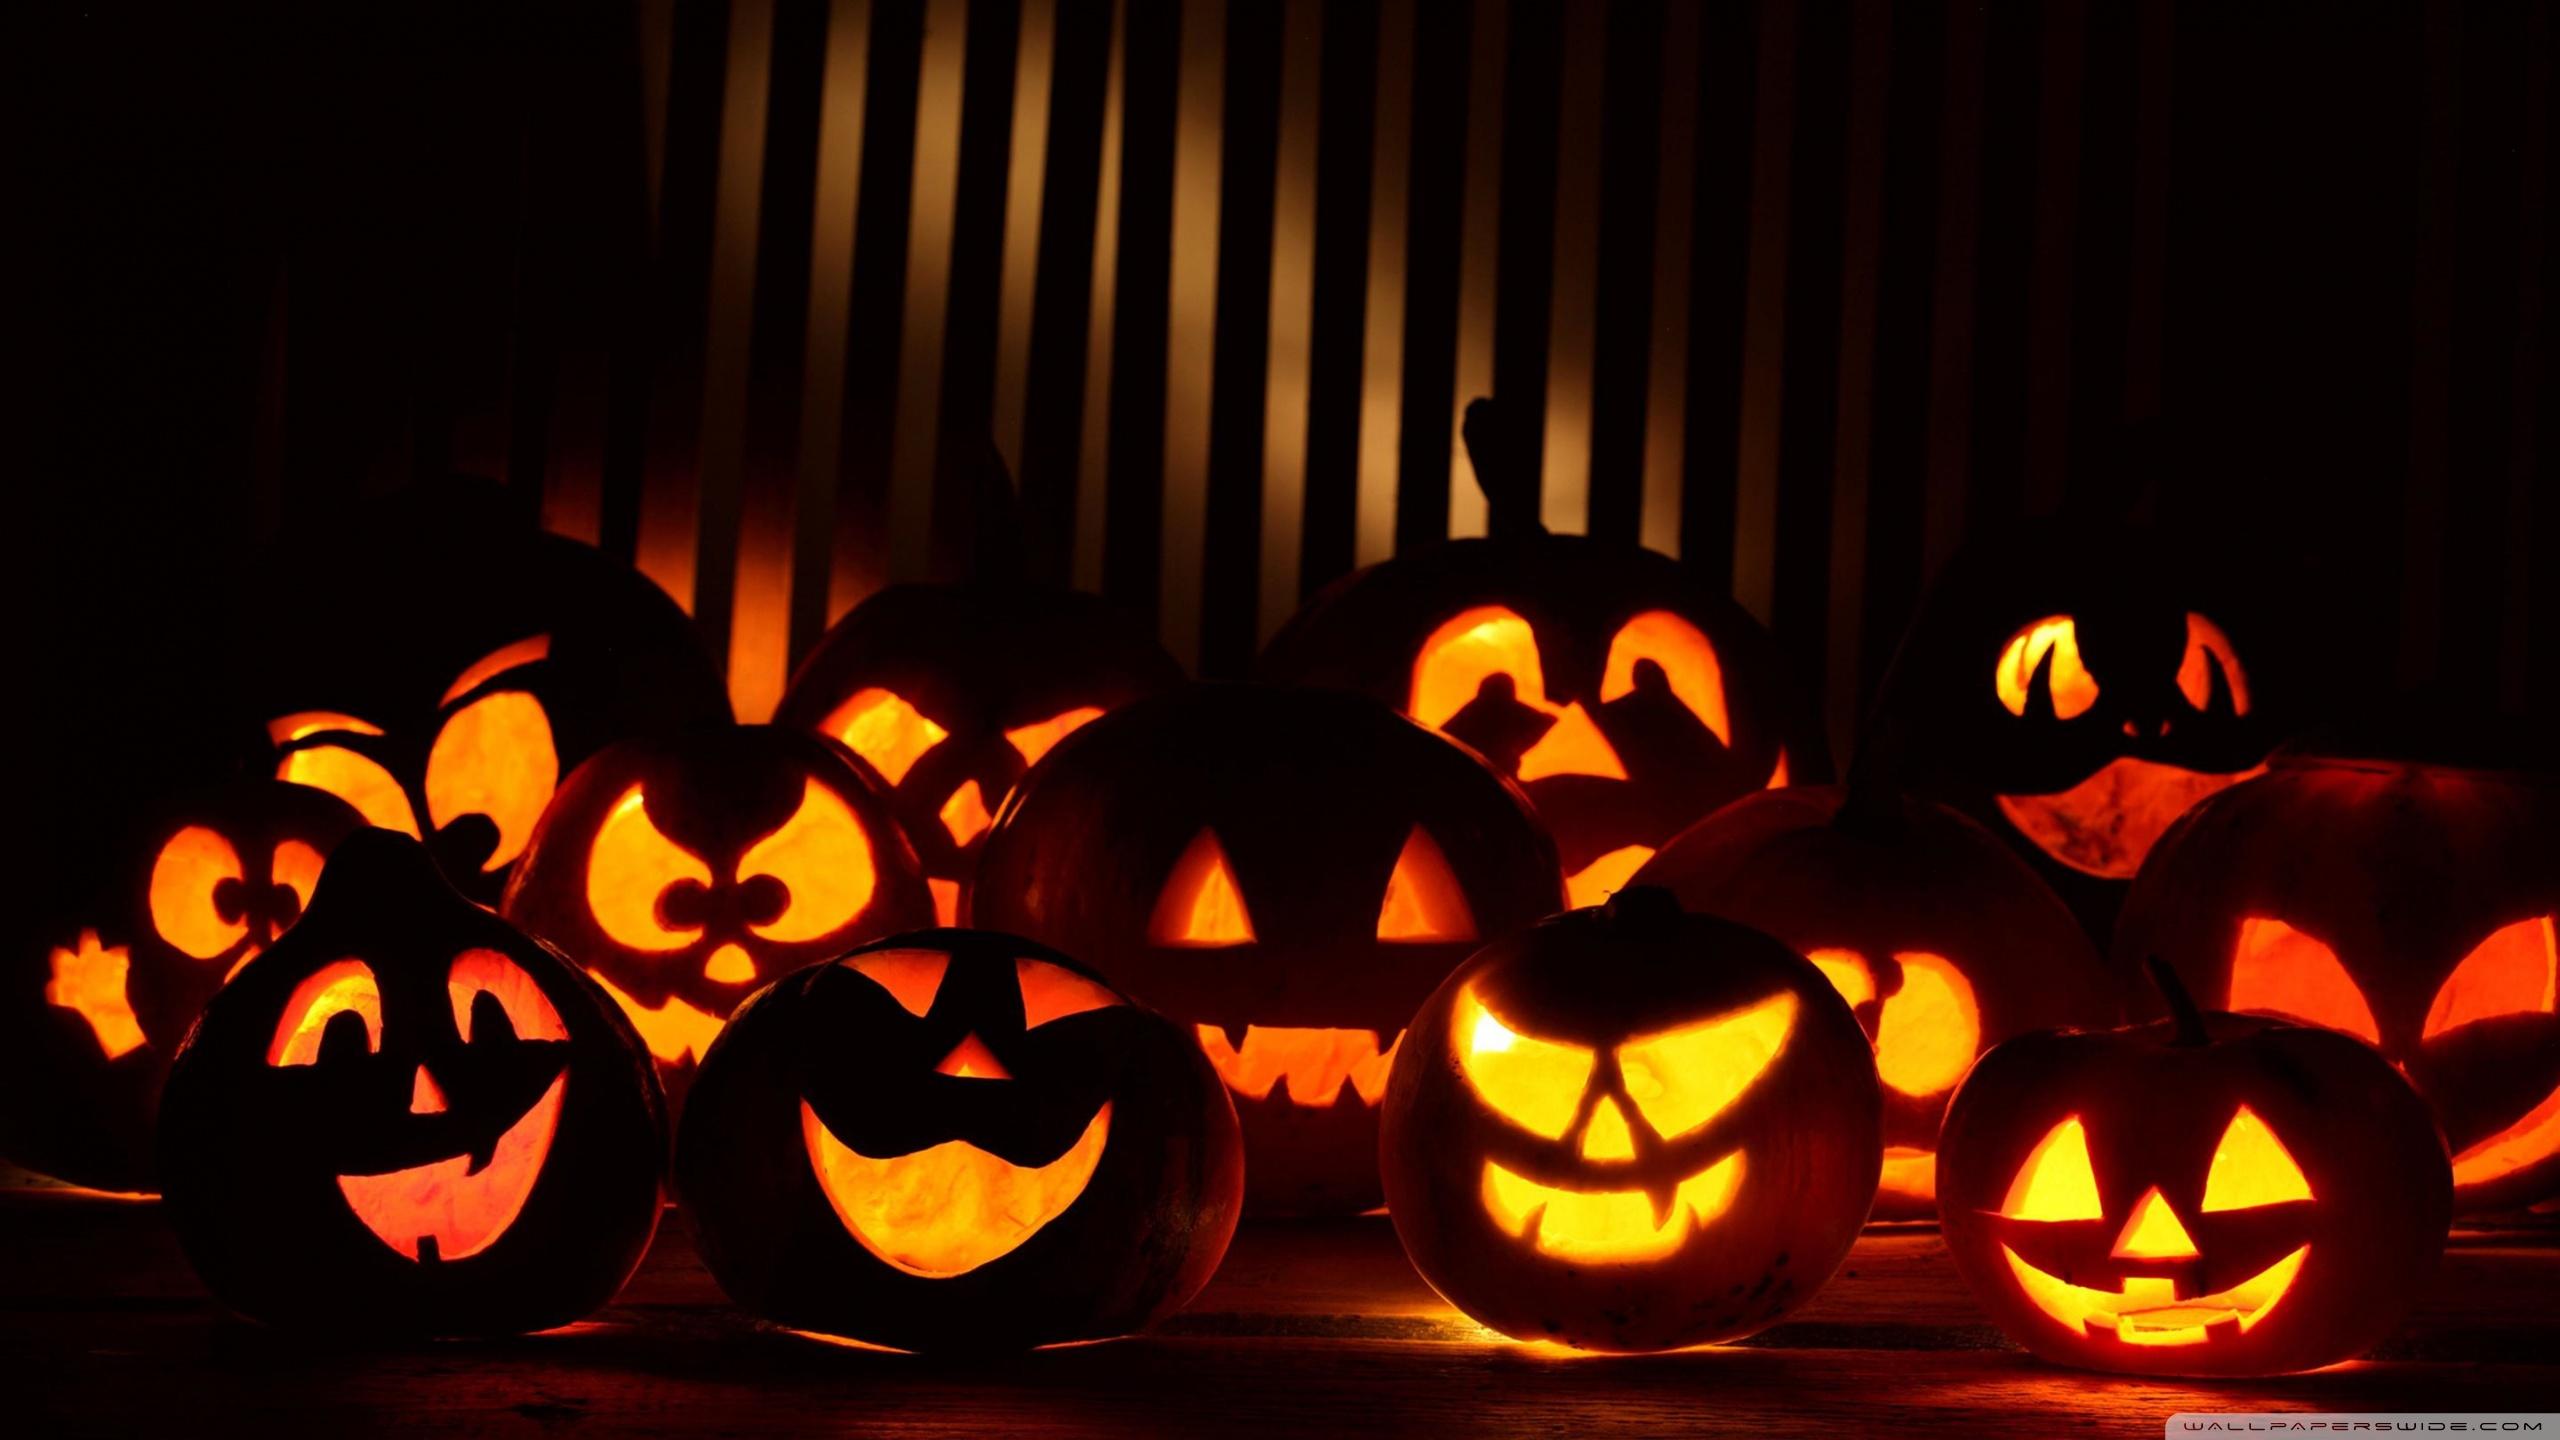 Happy Halloween Desktop Wallpaper 30 Background Pictures 2560x1440